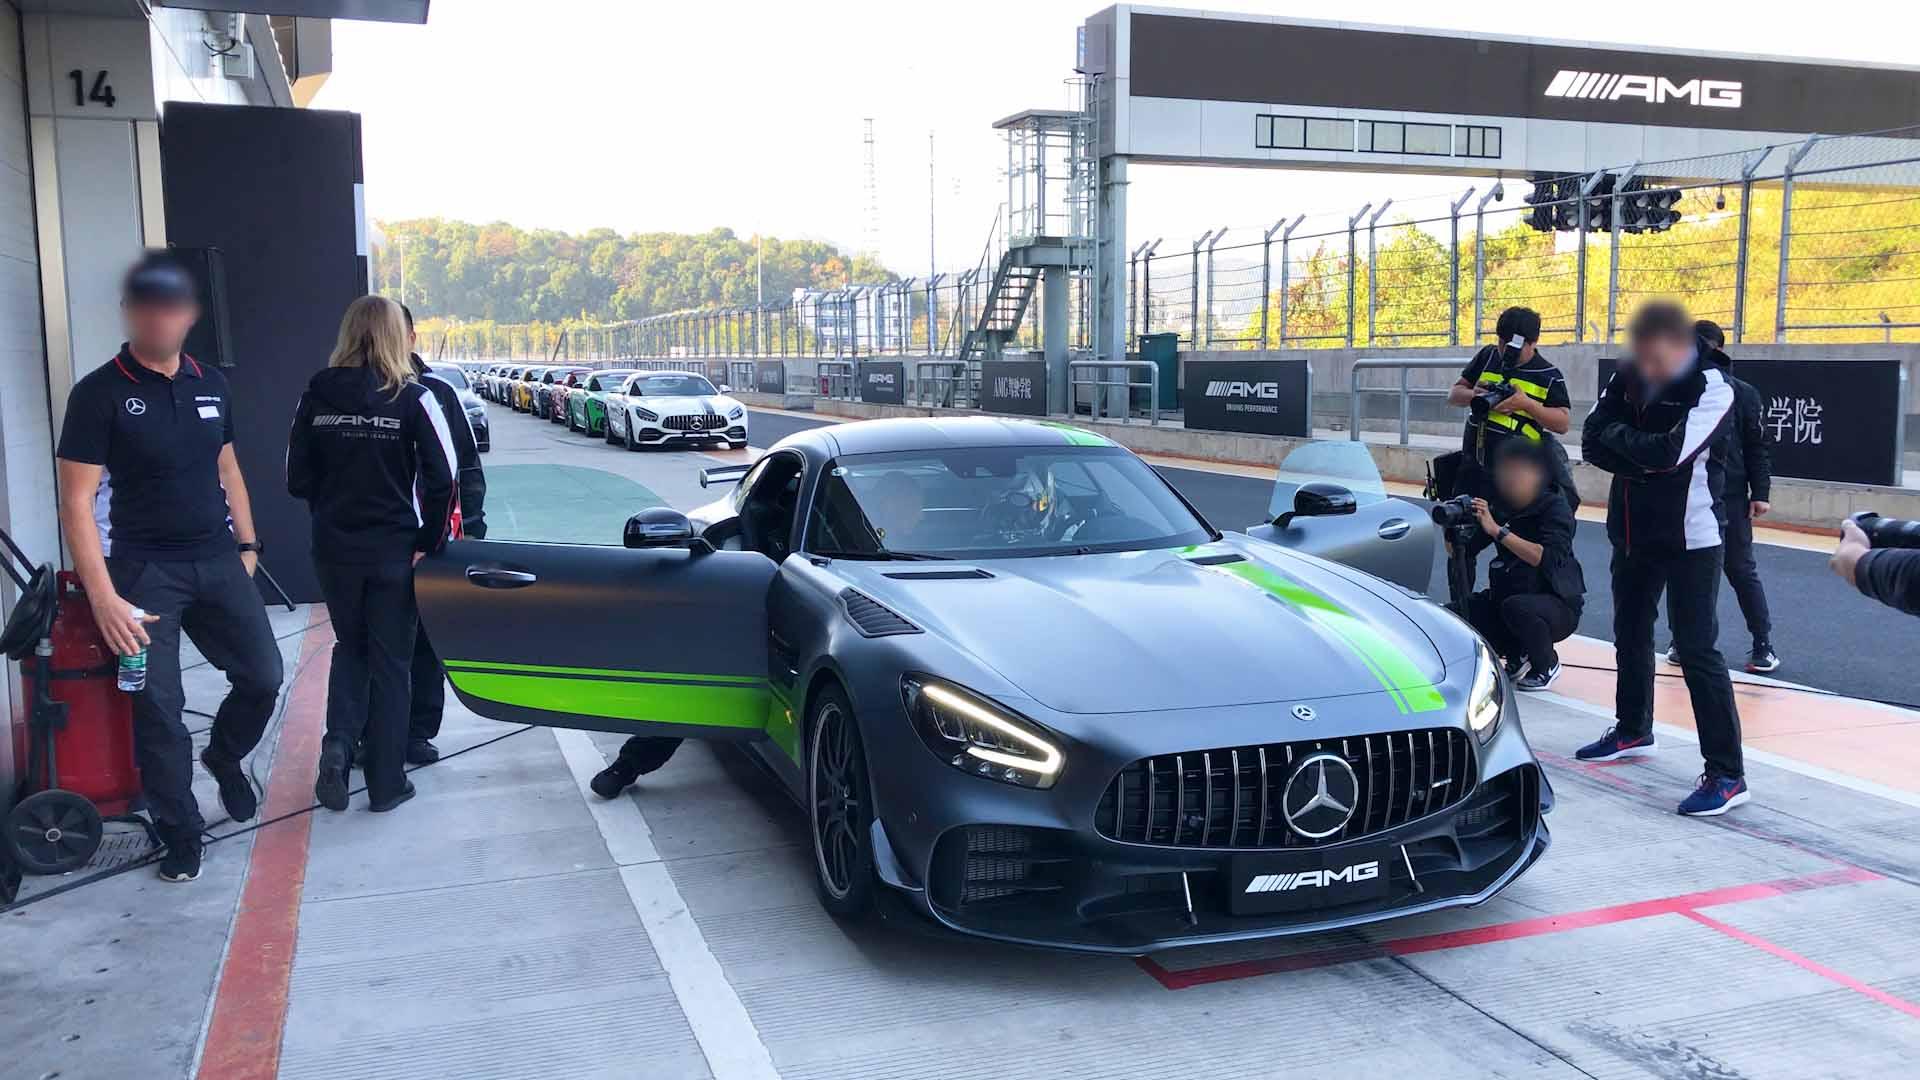 纯粹的驾驶机器?AMG驾驶学院赛道体验